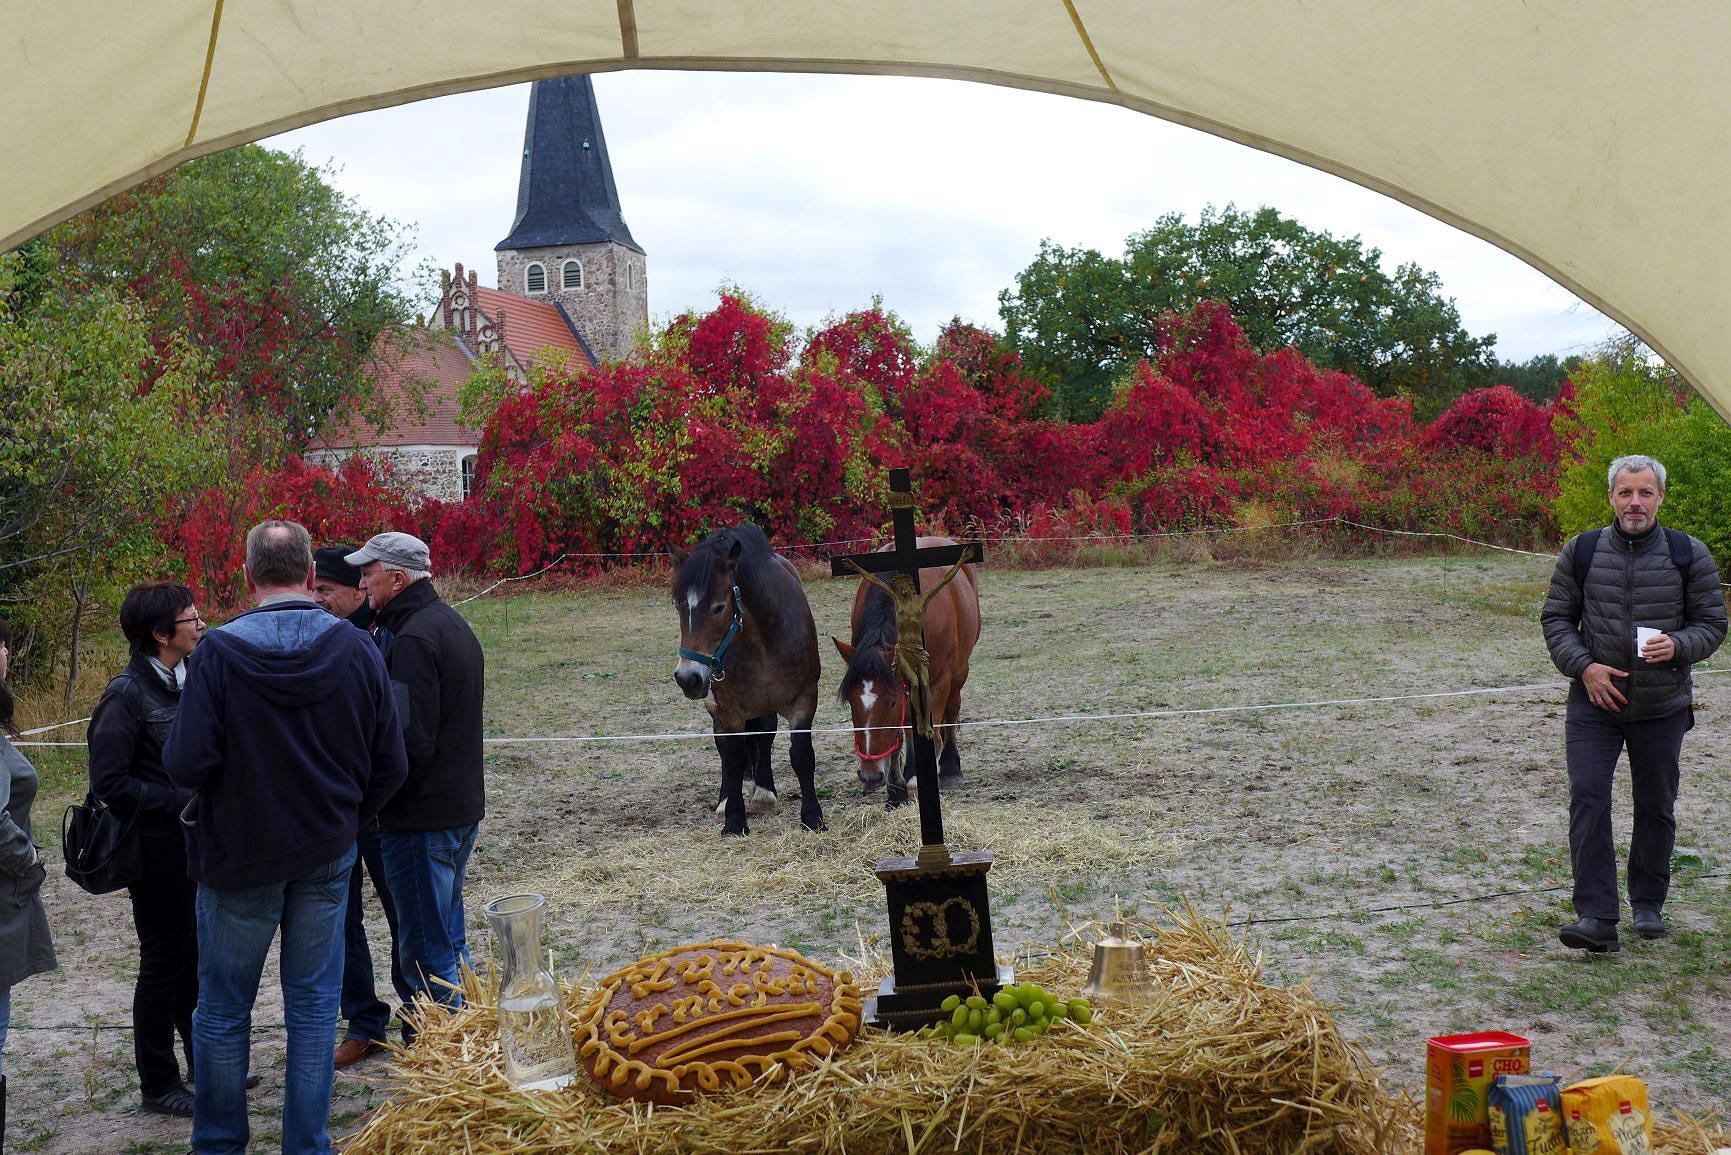 wunderschöne Landschaft, Menschen und Pferde - Gemeindefest 2018